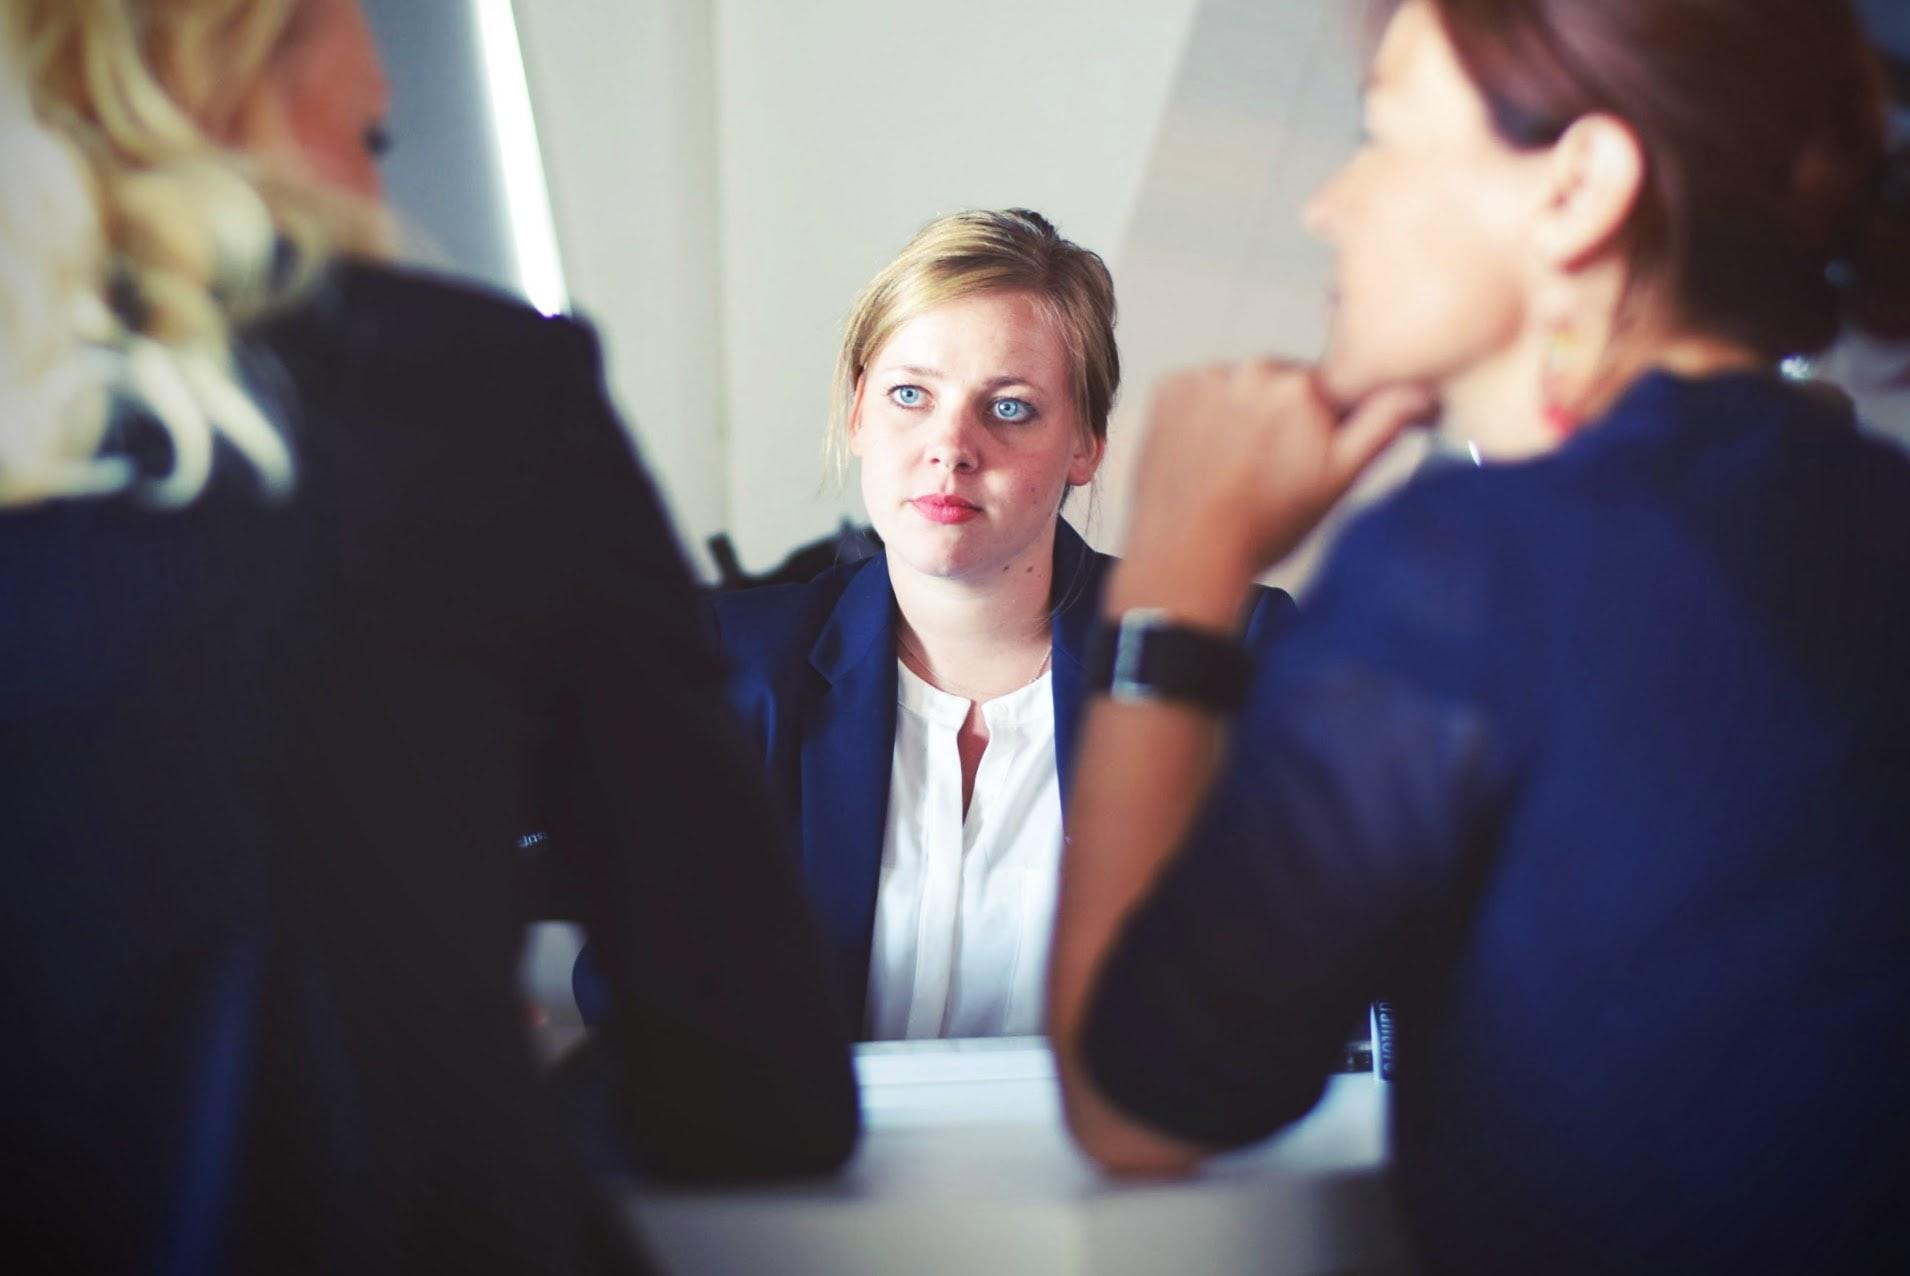 Sposoby zatrudniania pracowników – umowa o dzieło, umowa o pracę czy umowa zlecenie?